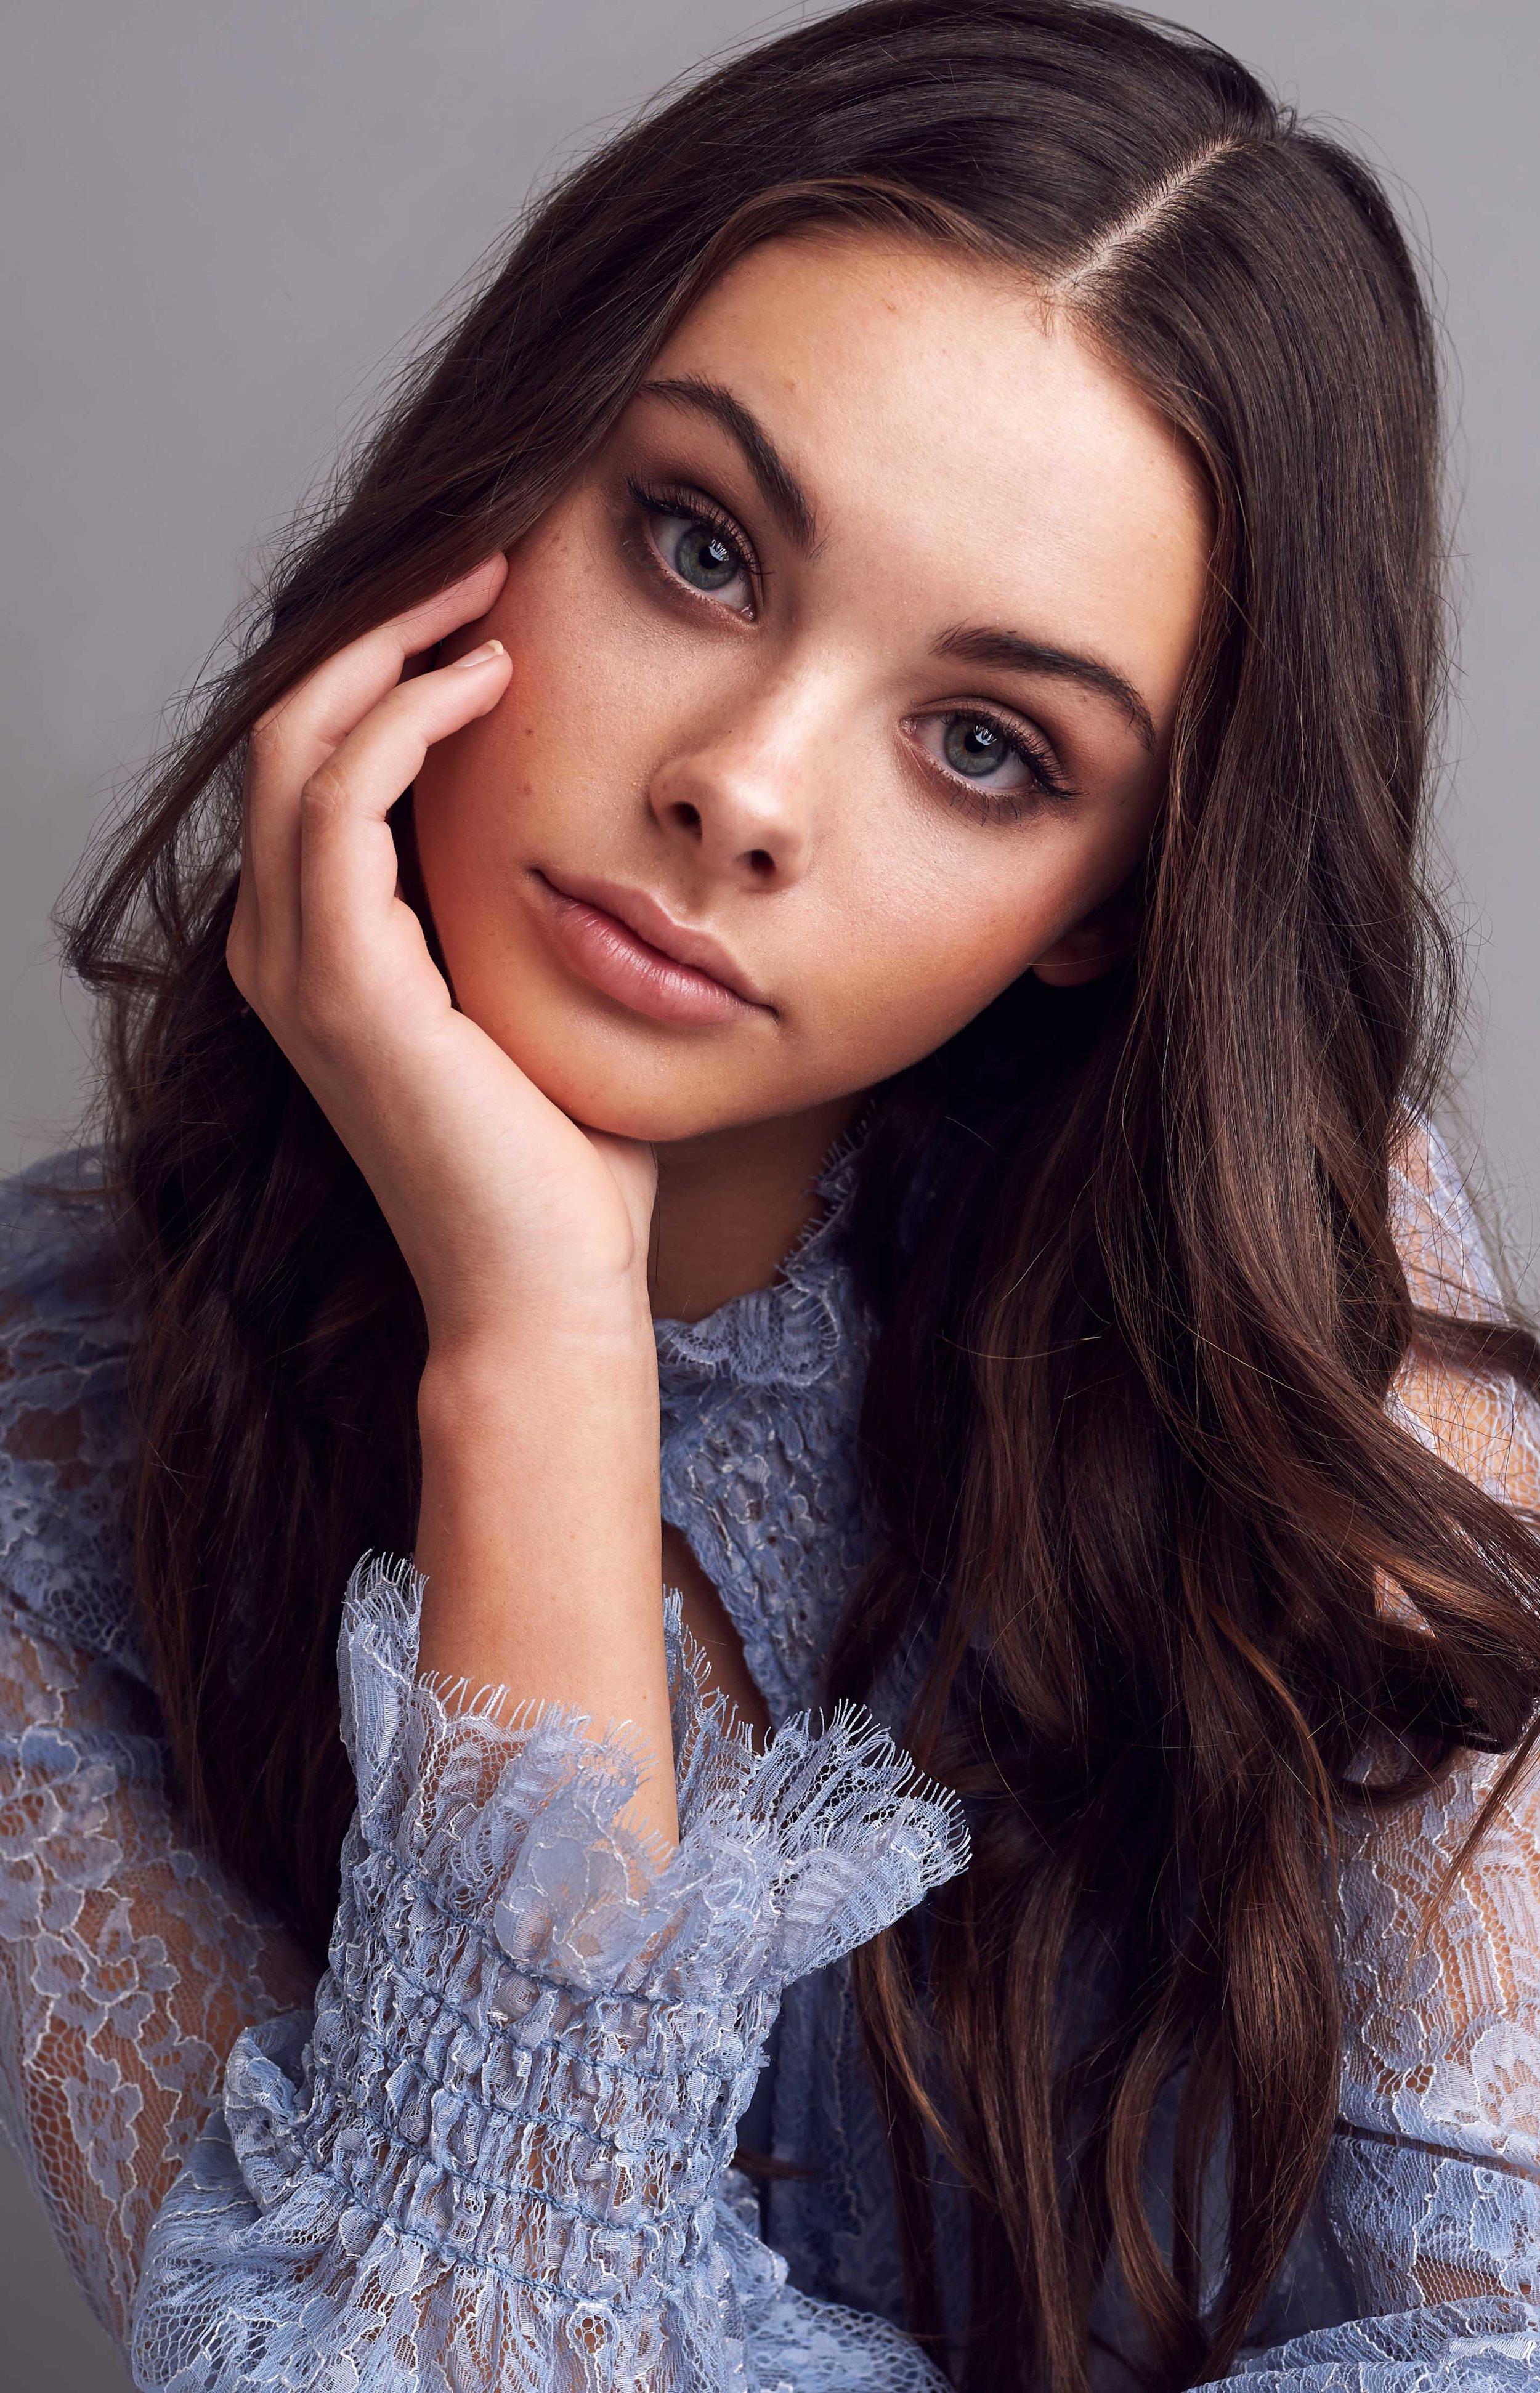 Meika-Woollard-Marissa-Alden-Melbourne-fashion-photographer-4.jpg